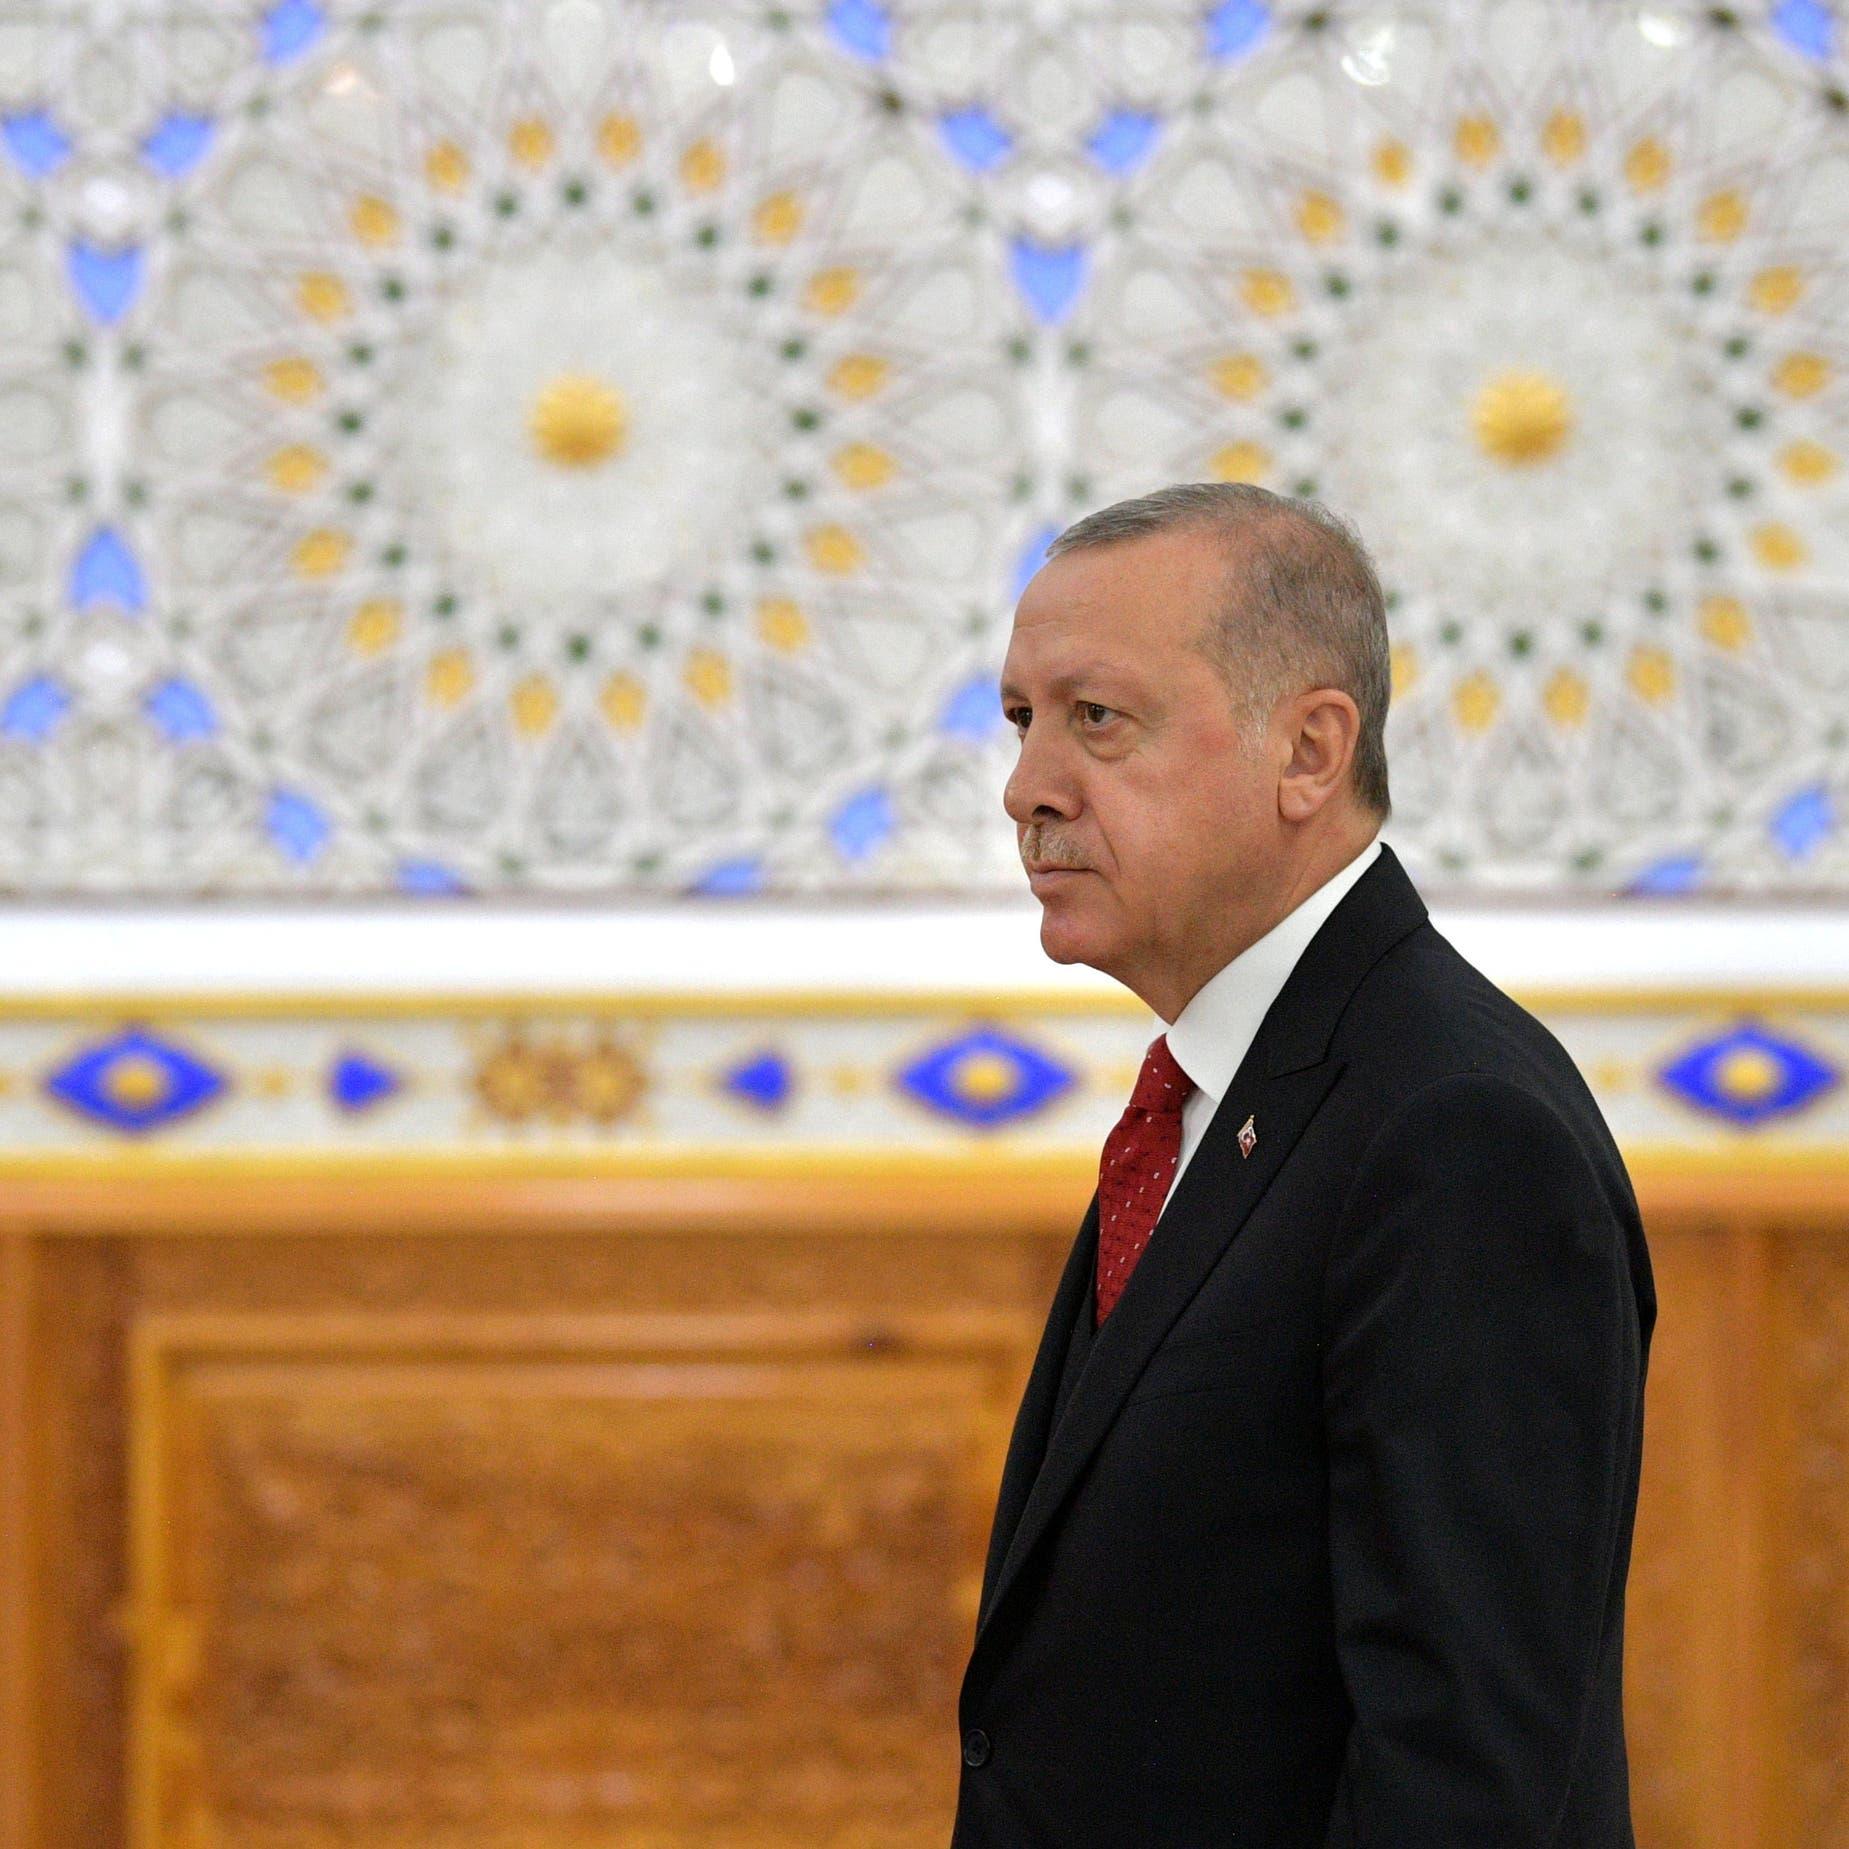 توجهات أردوغان تهدد مصداقية البنك المركزي التركي